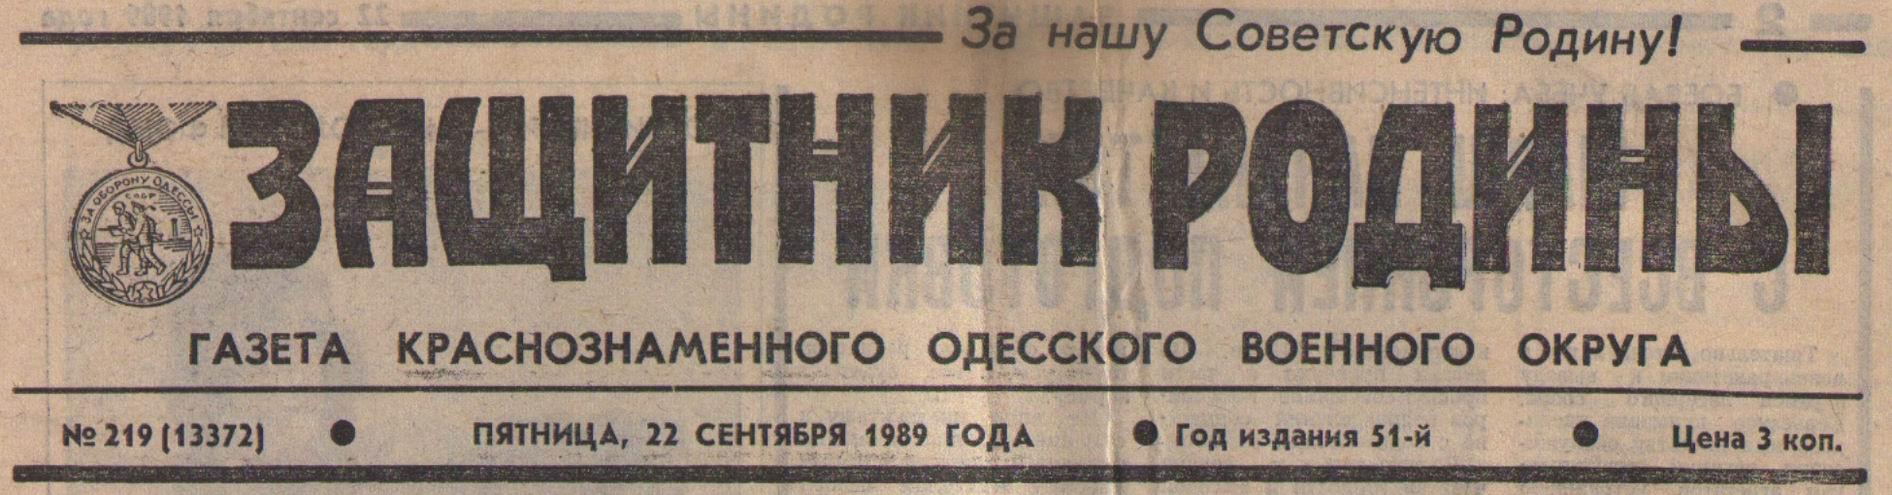 ❶Газета защитник родины|А буга 23 февраля|Steam Workshop :: Frontovik - Фронтовик|Вручение почётных знаков «Юный защитник Отечества»|}